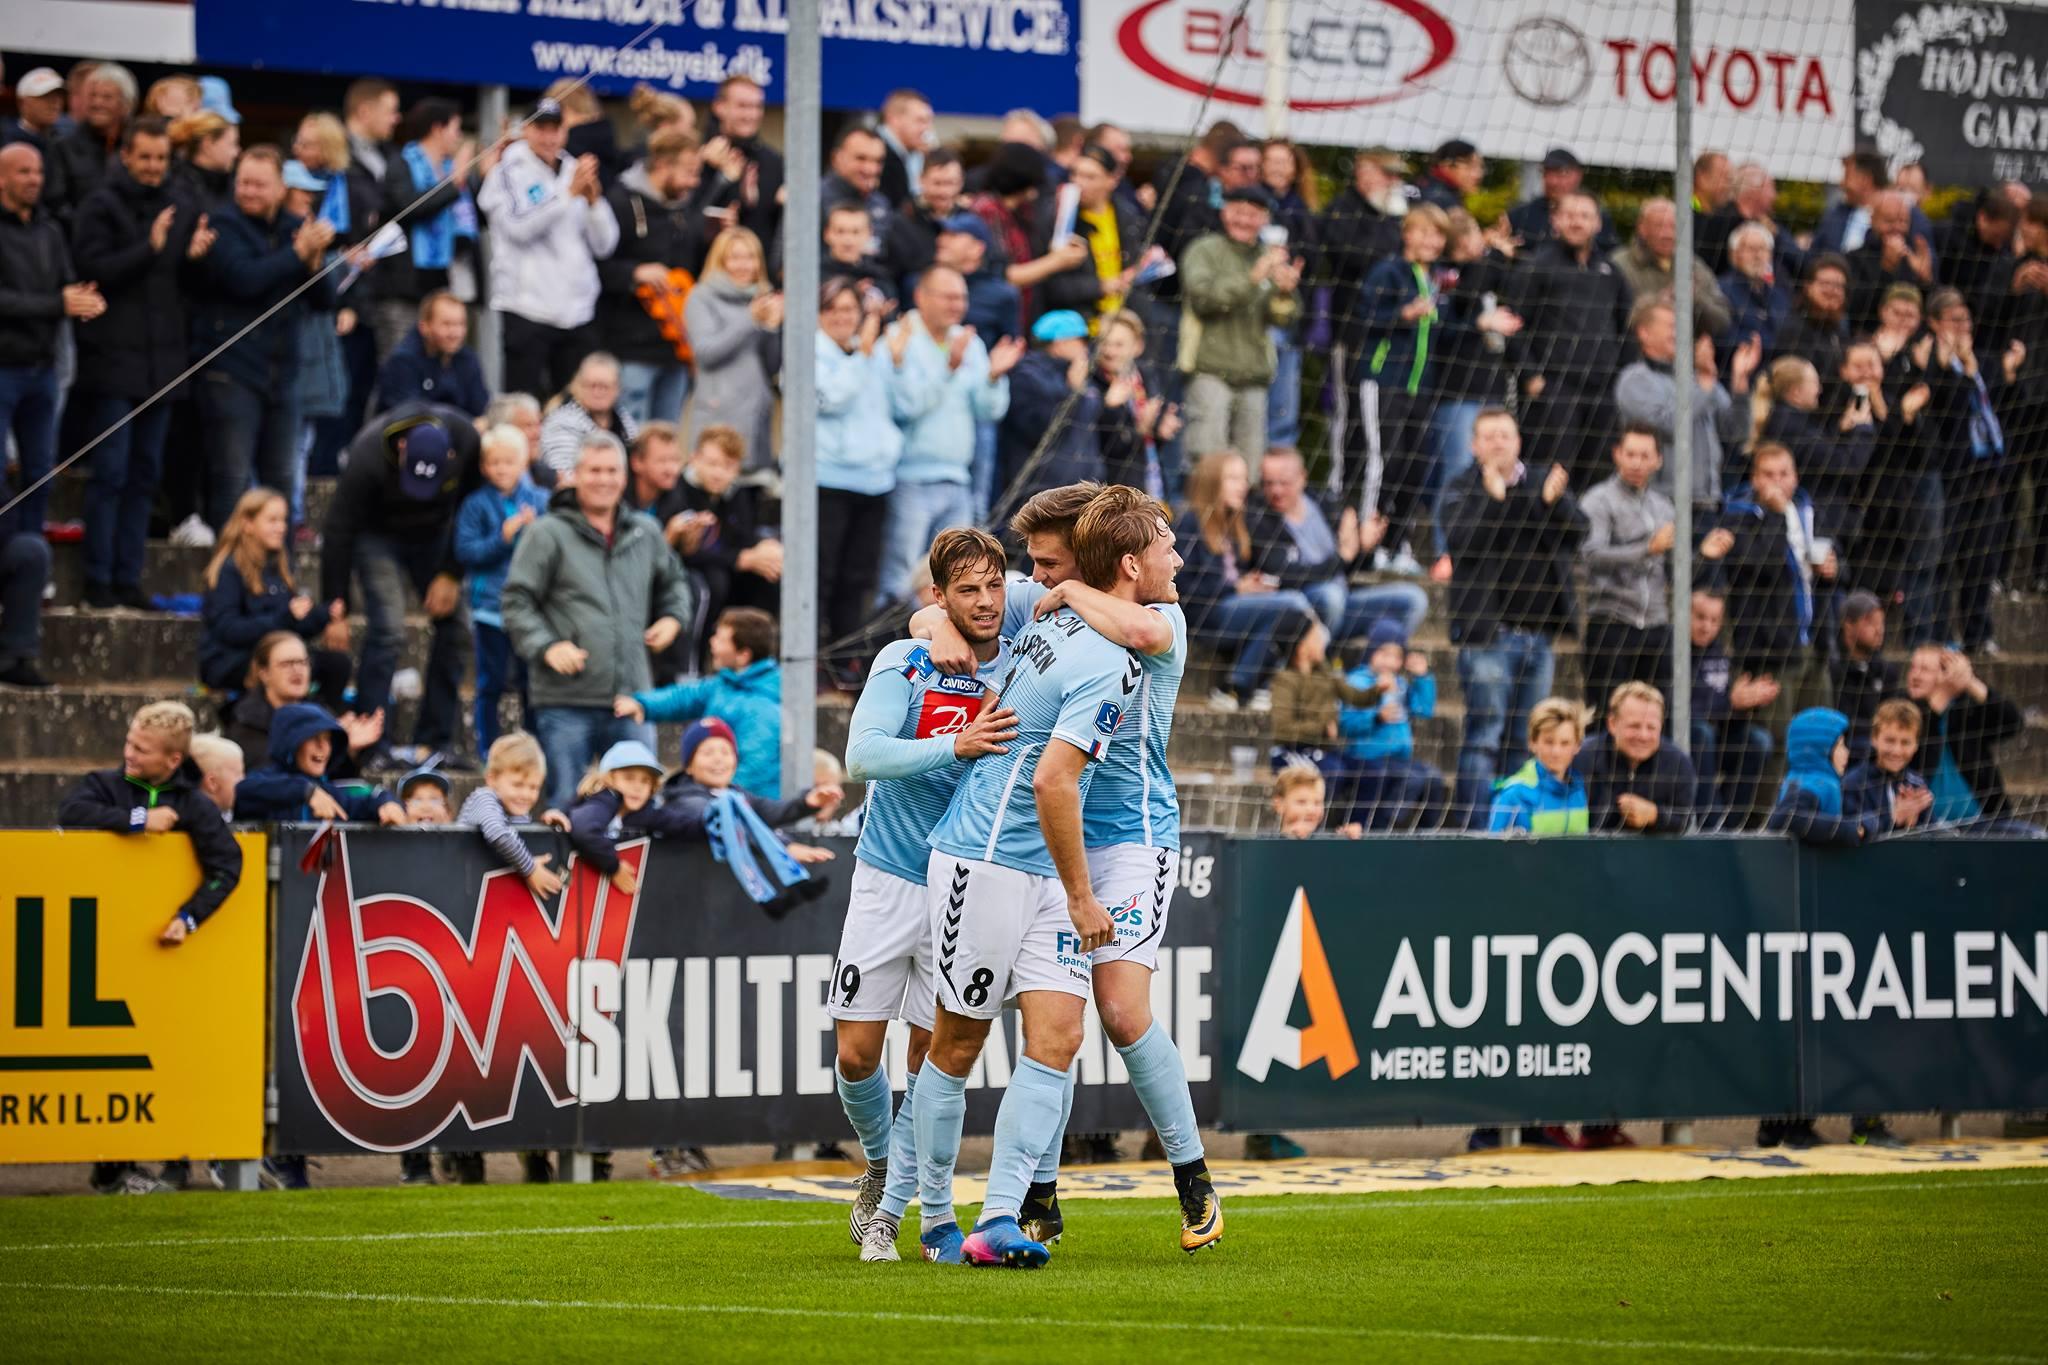 Aarhus-Sonderjyske 18 aprile: si gioca per il gruppo retrocessione del campionato danese. Gli ospiti non vincono da 4 giornate.